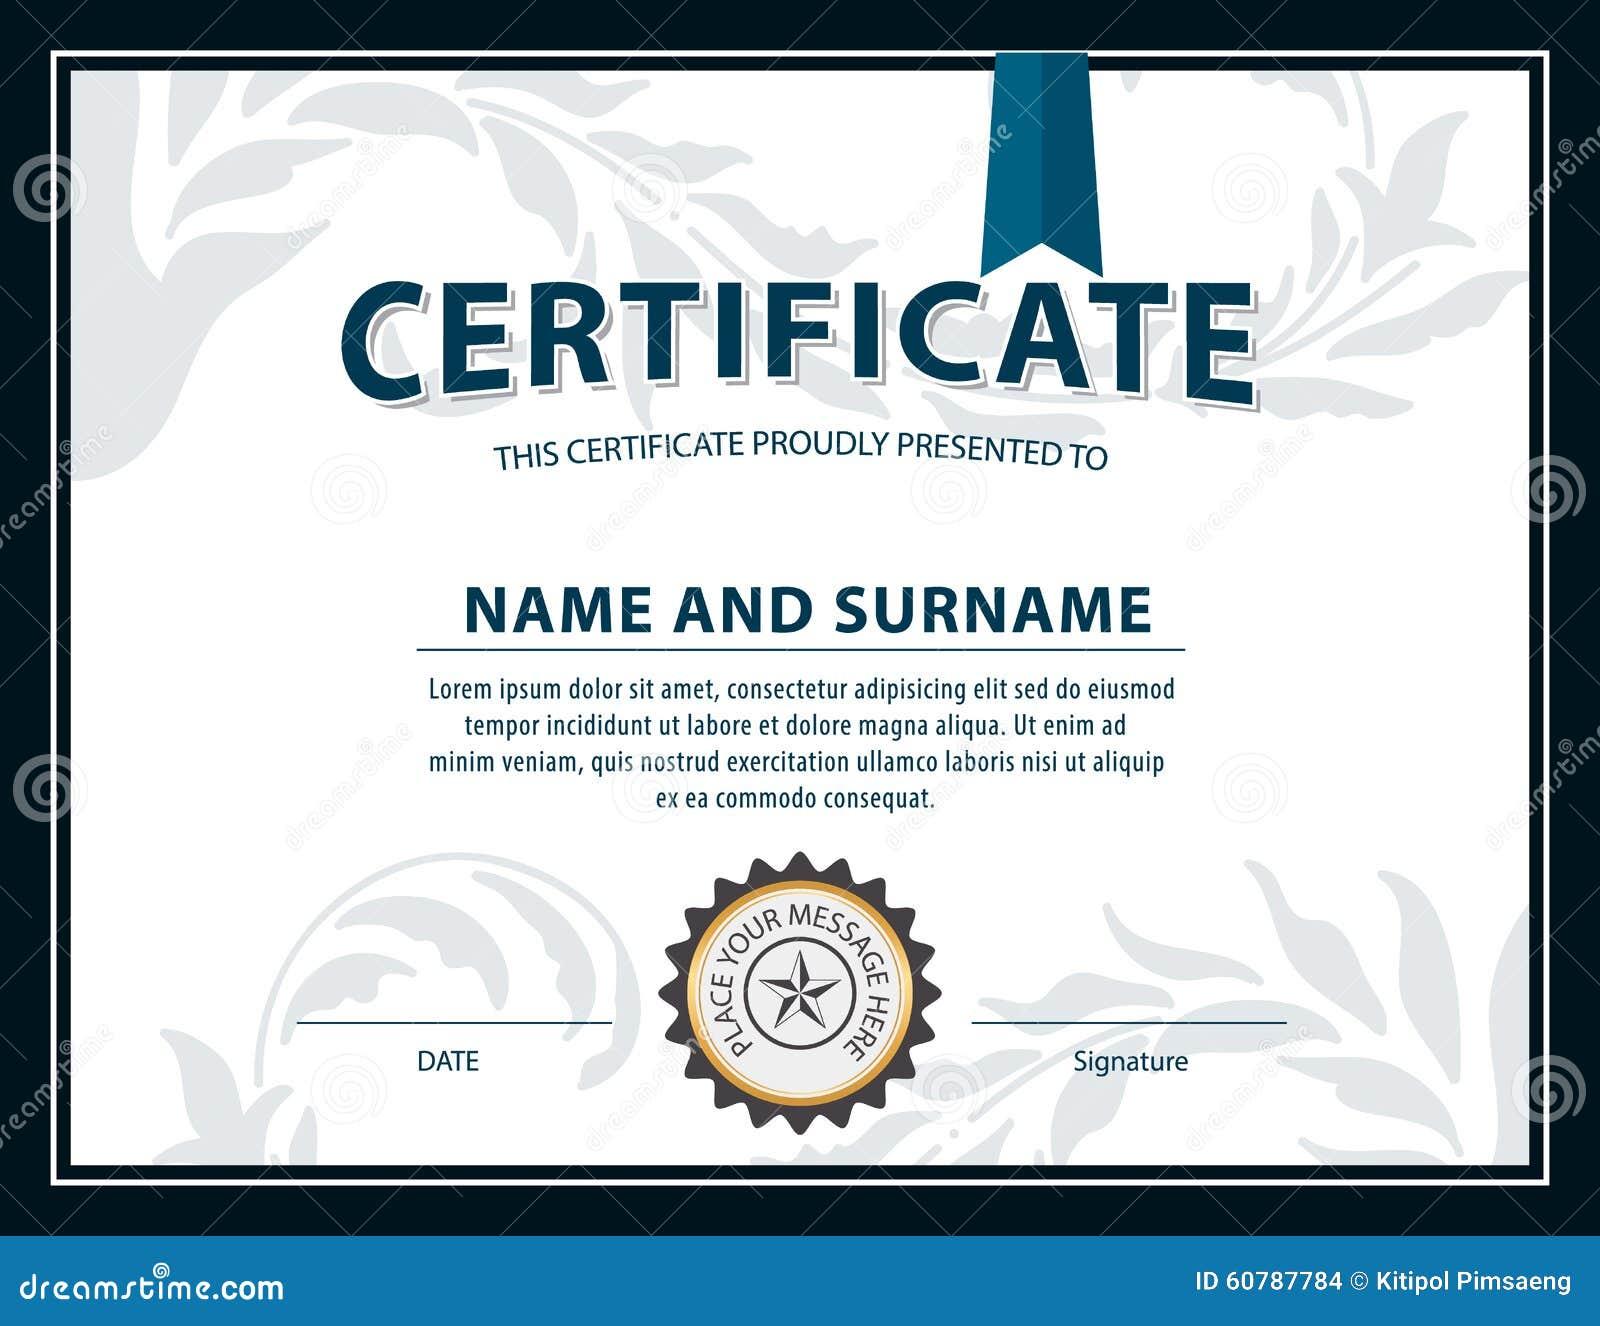 Горизонтальный шаблон сертификата диплом размер письма вектор  Горизонтальный шаблон сертификата диплом размер письма вектор